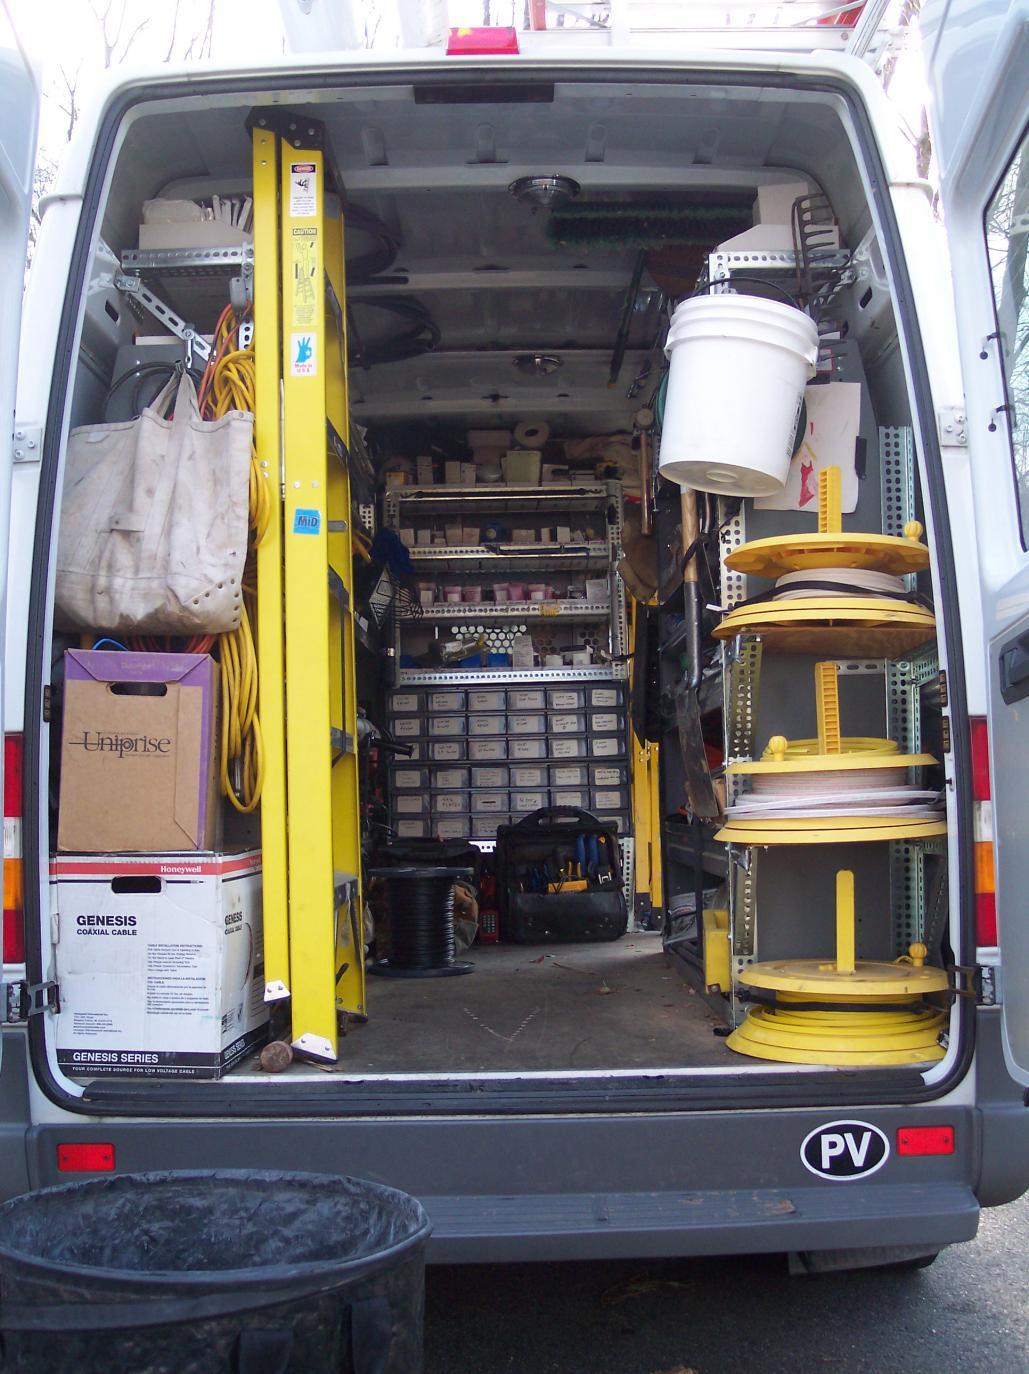 Post your work truck/van thread-truck-pictures-nov08-001.jpg